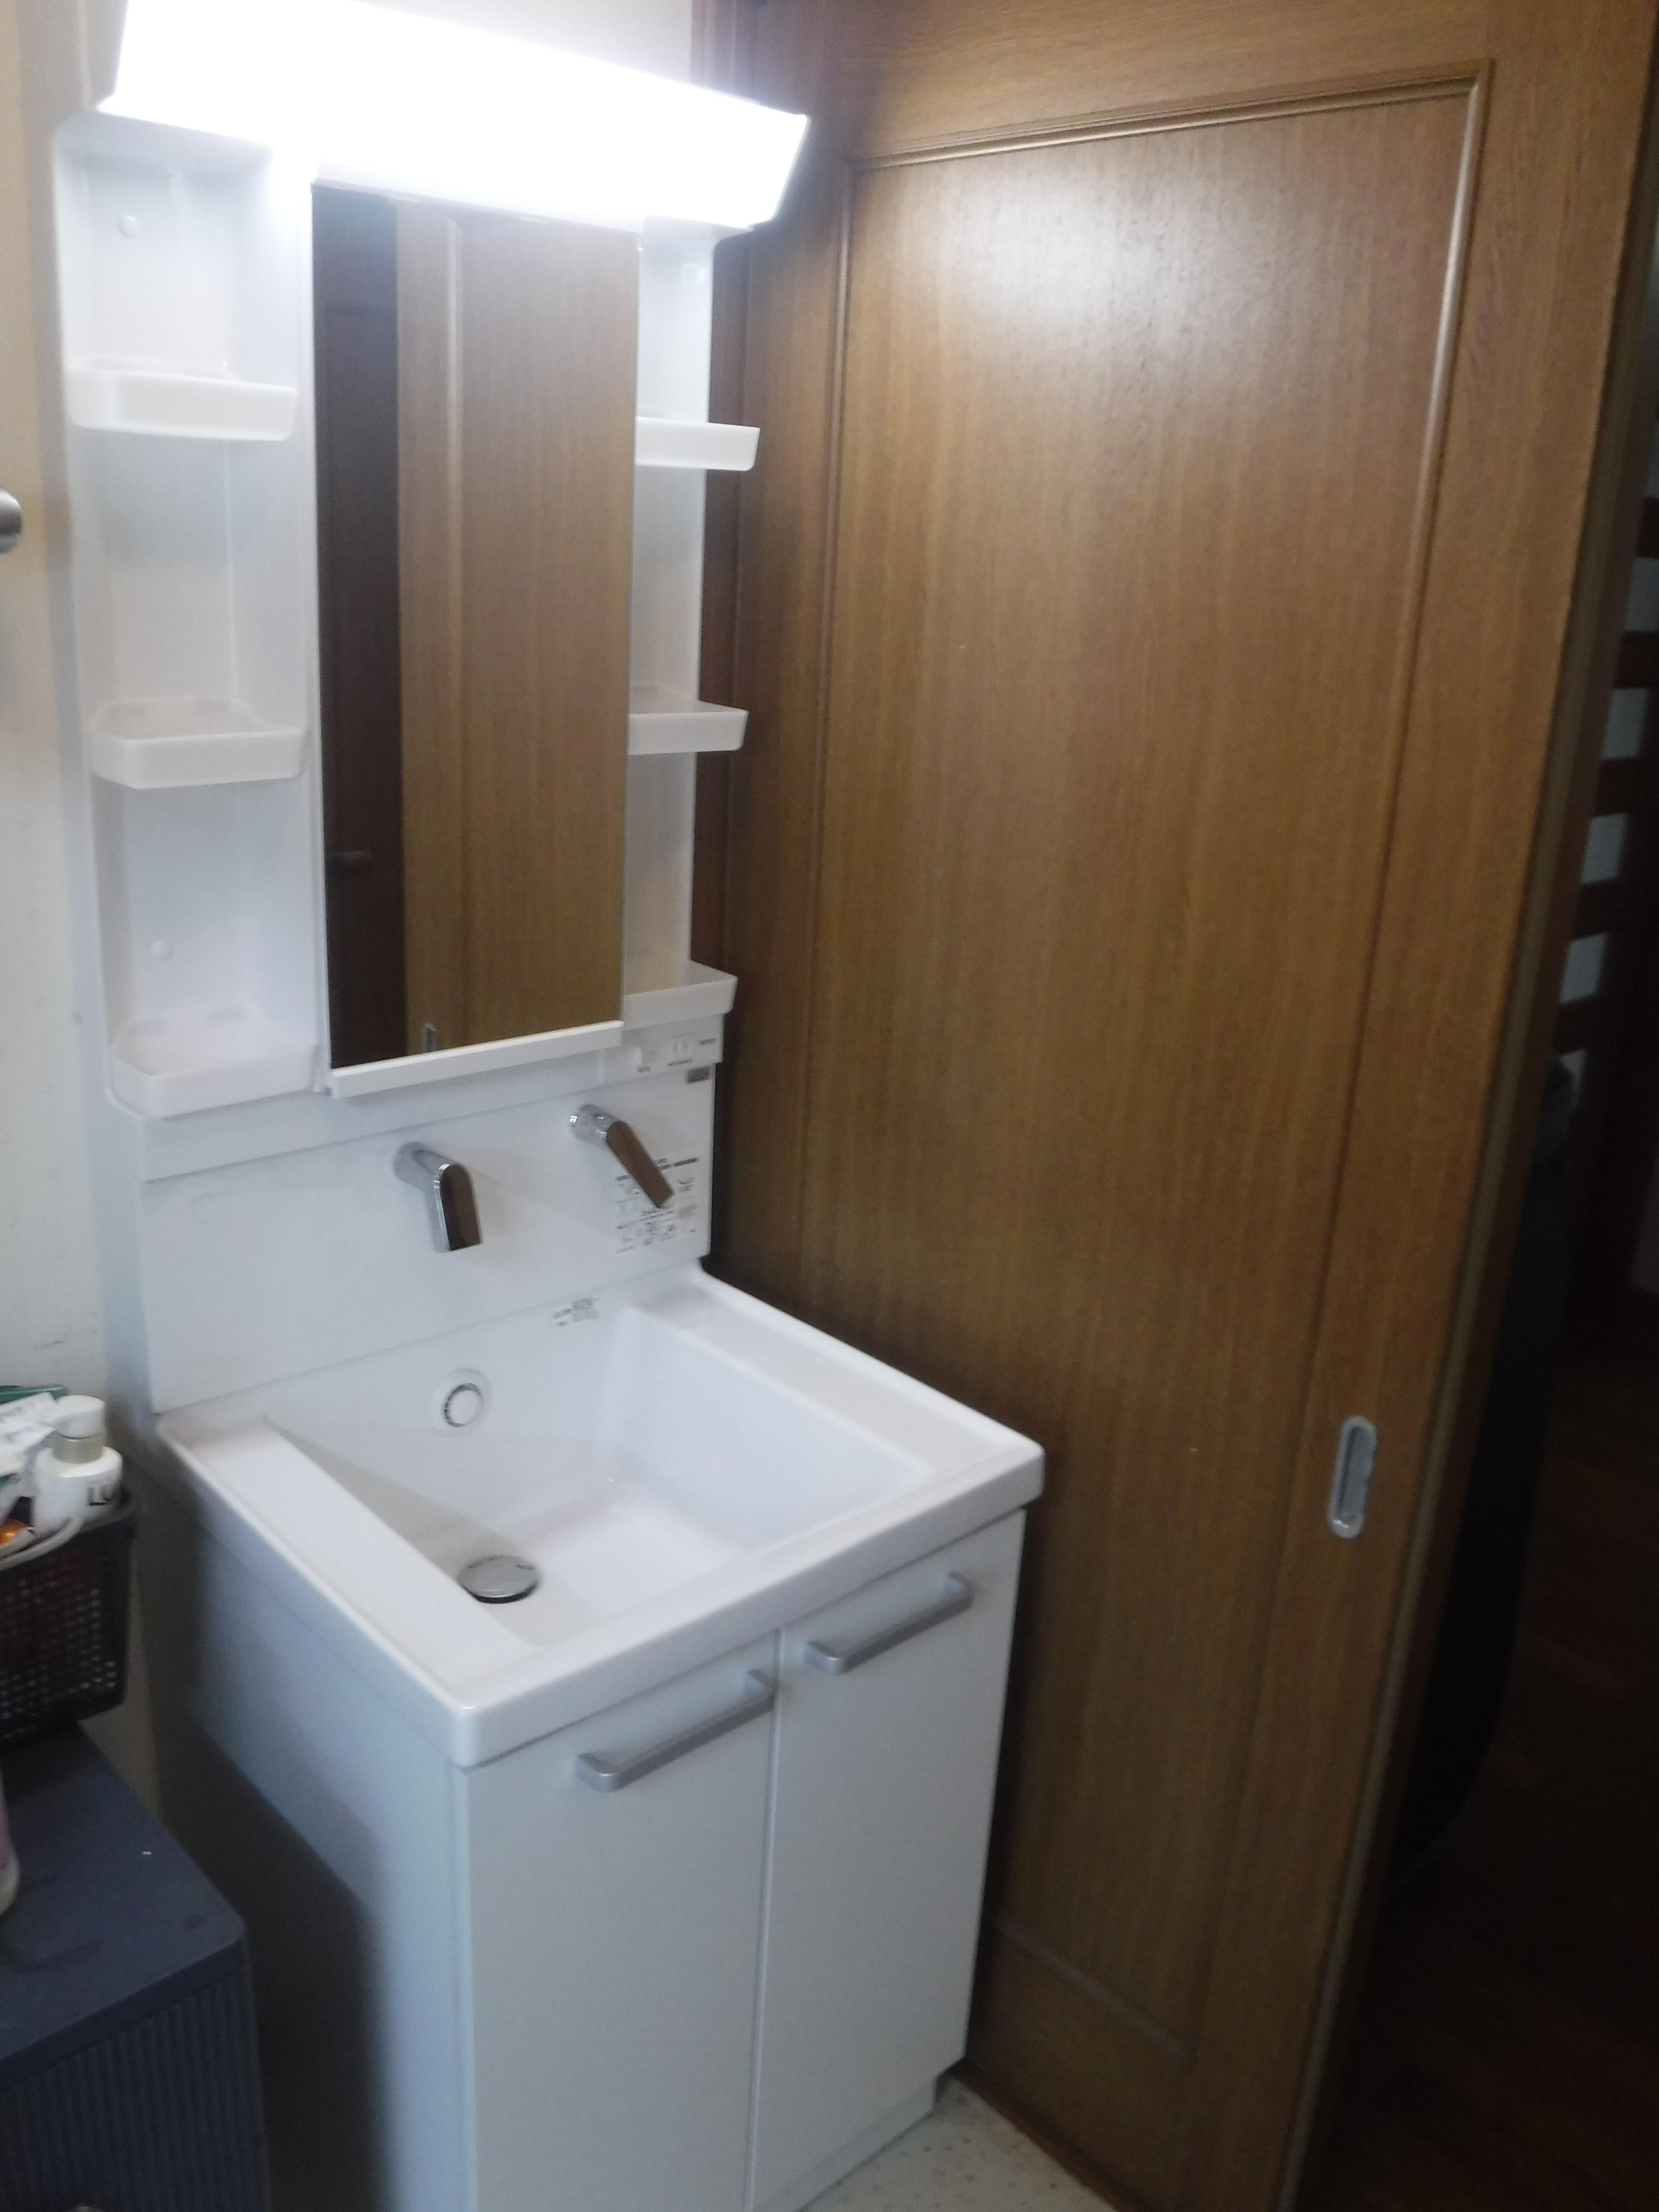 台所と一緒に洗面化粧台も取替えてください♪サクアW600